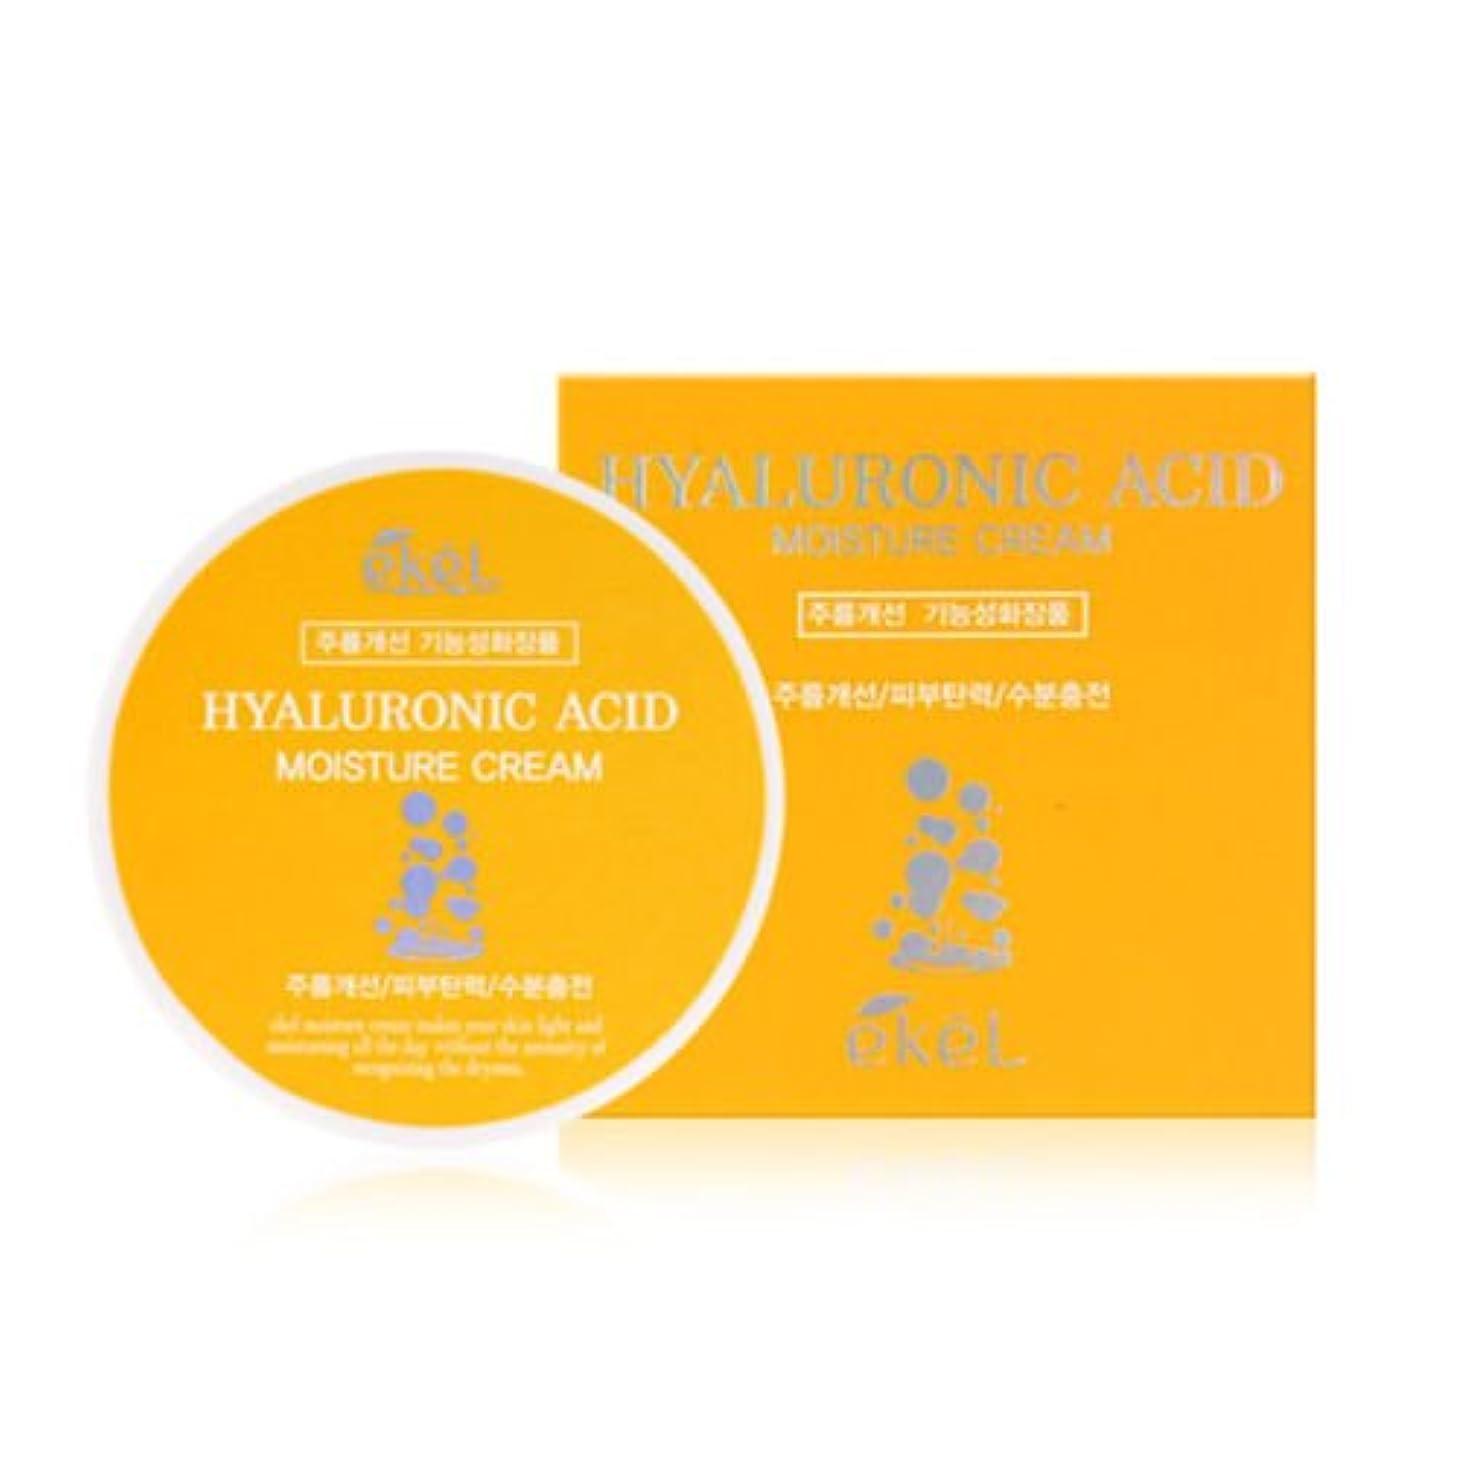 モック膨らませるシェトランド諸島イケル[韓国コスメEkel]Hyaluronic acid Moisture Cream ヒアルロン酸モイスチャークリーム100g [並行輸入品]